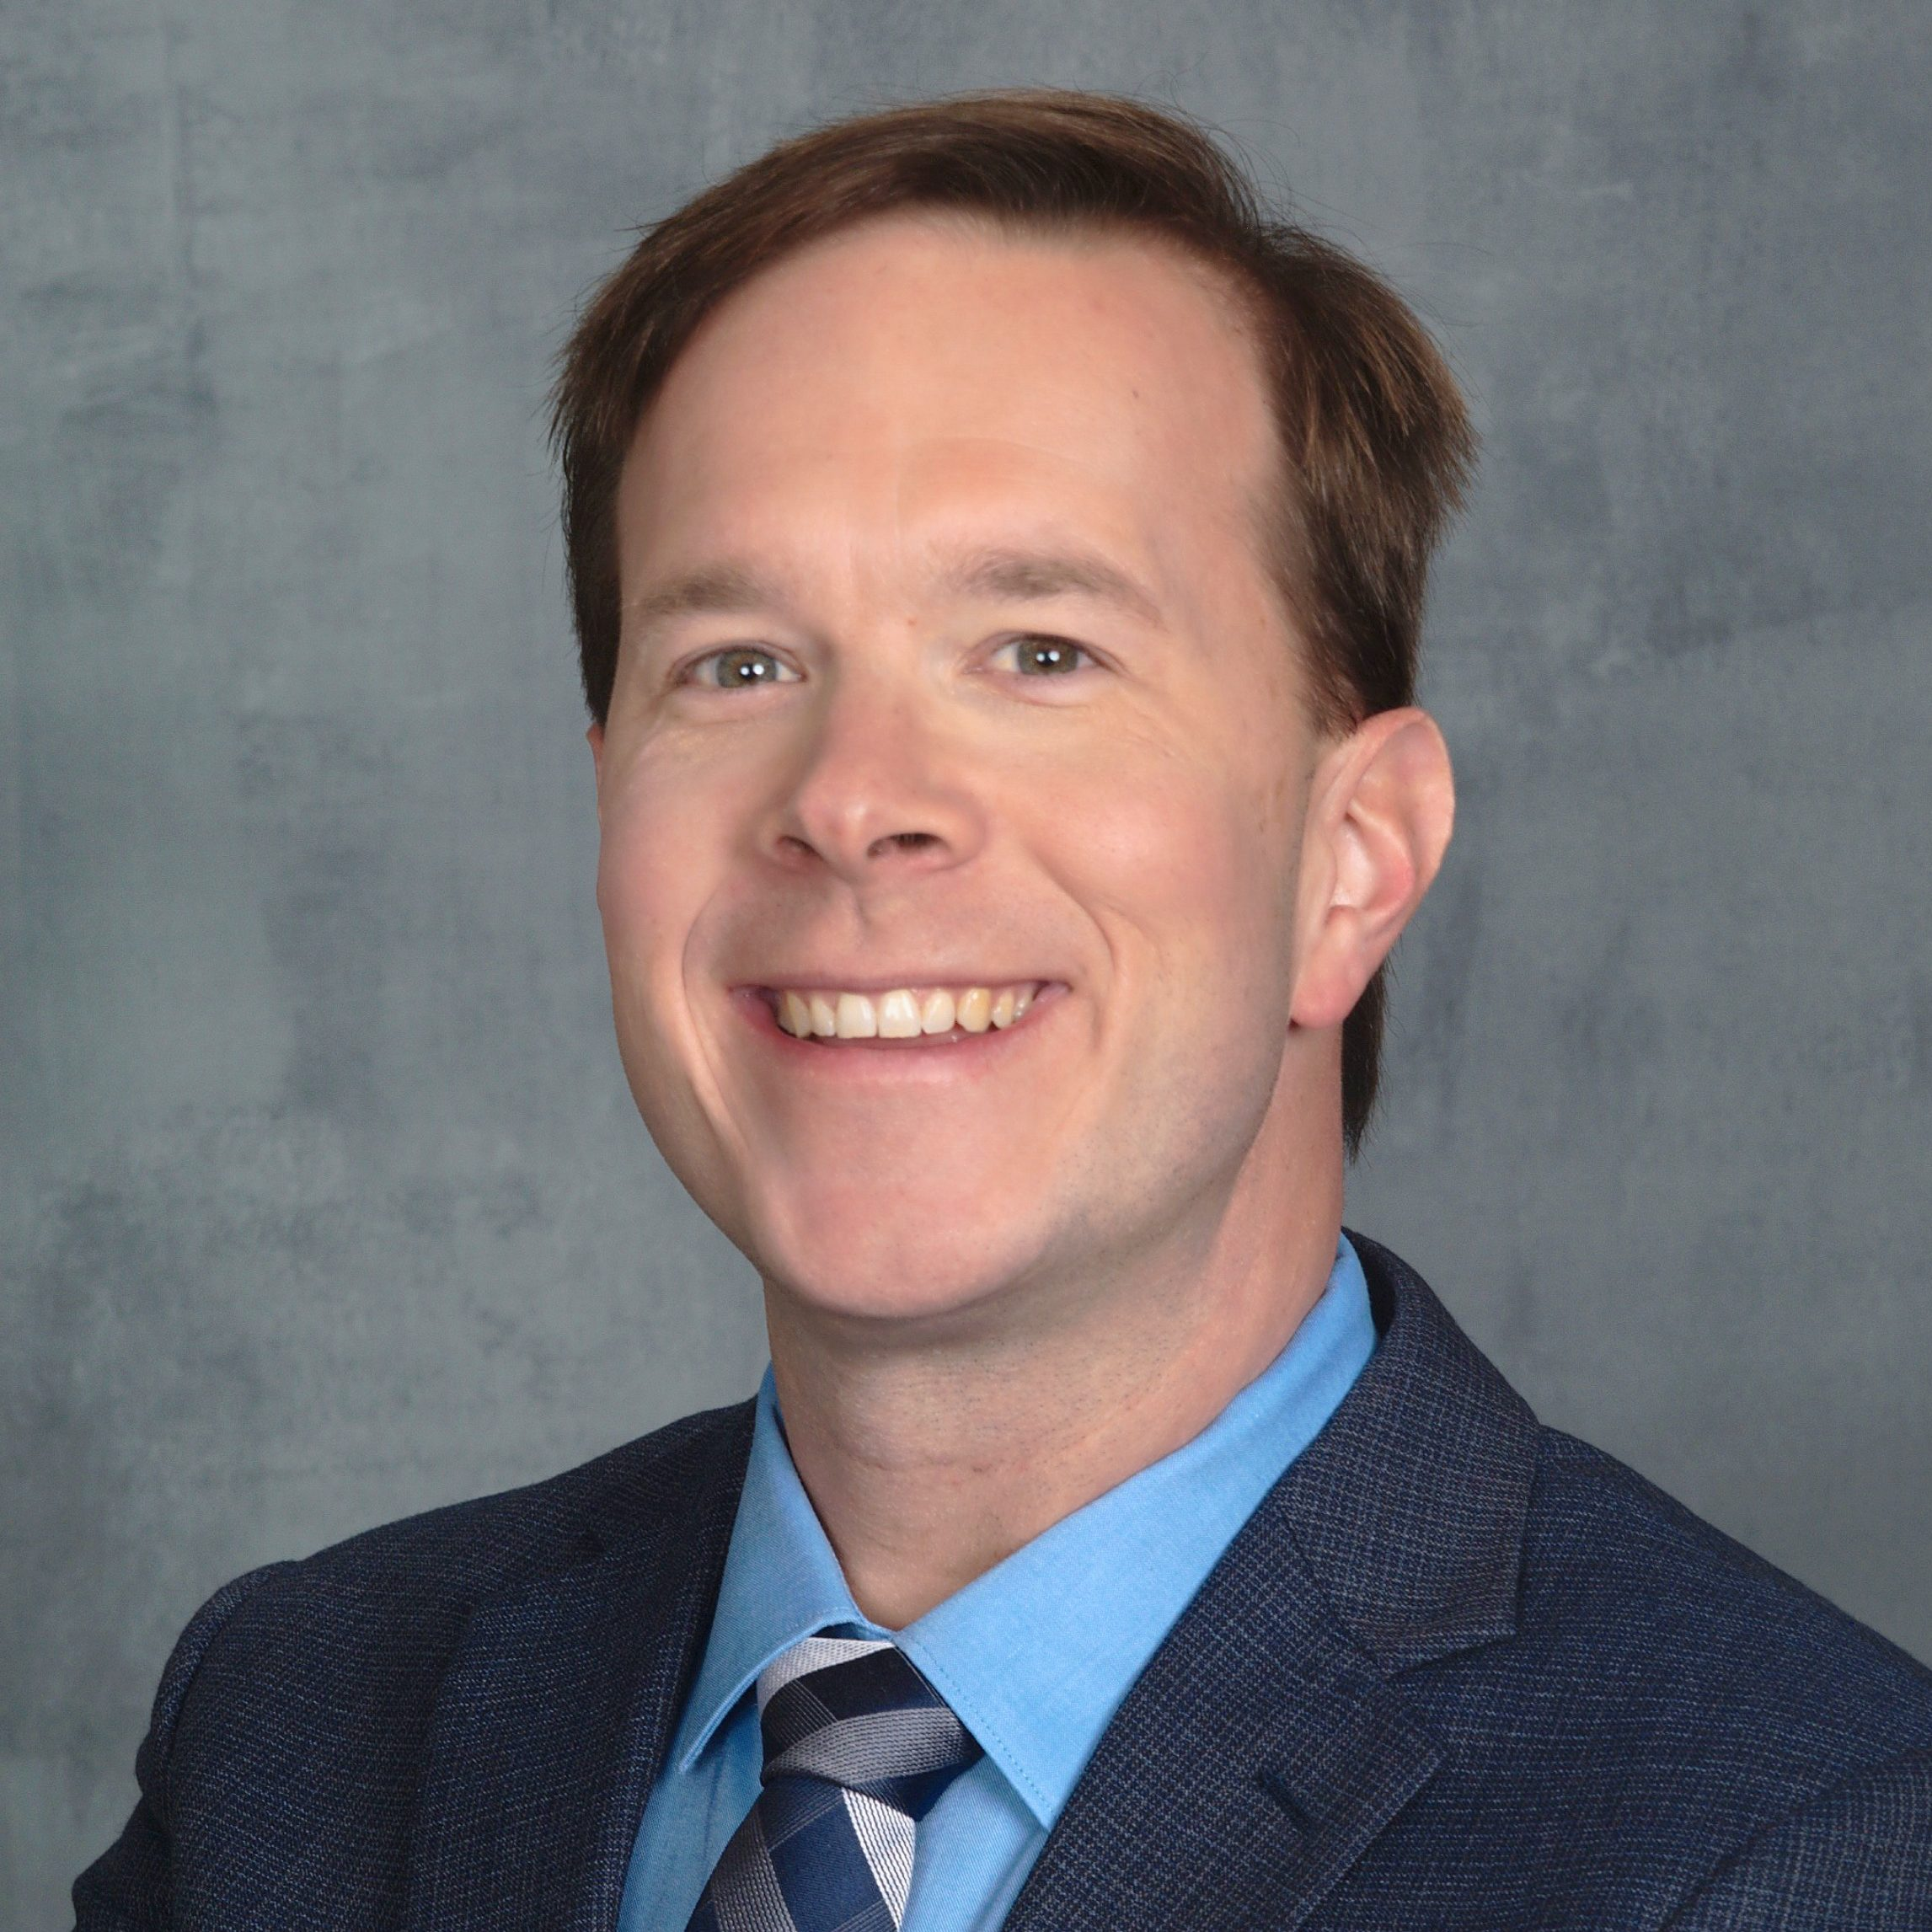 Matt Koleszar